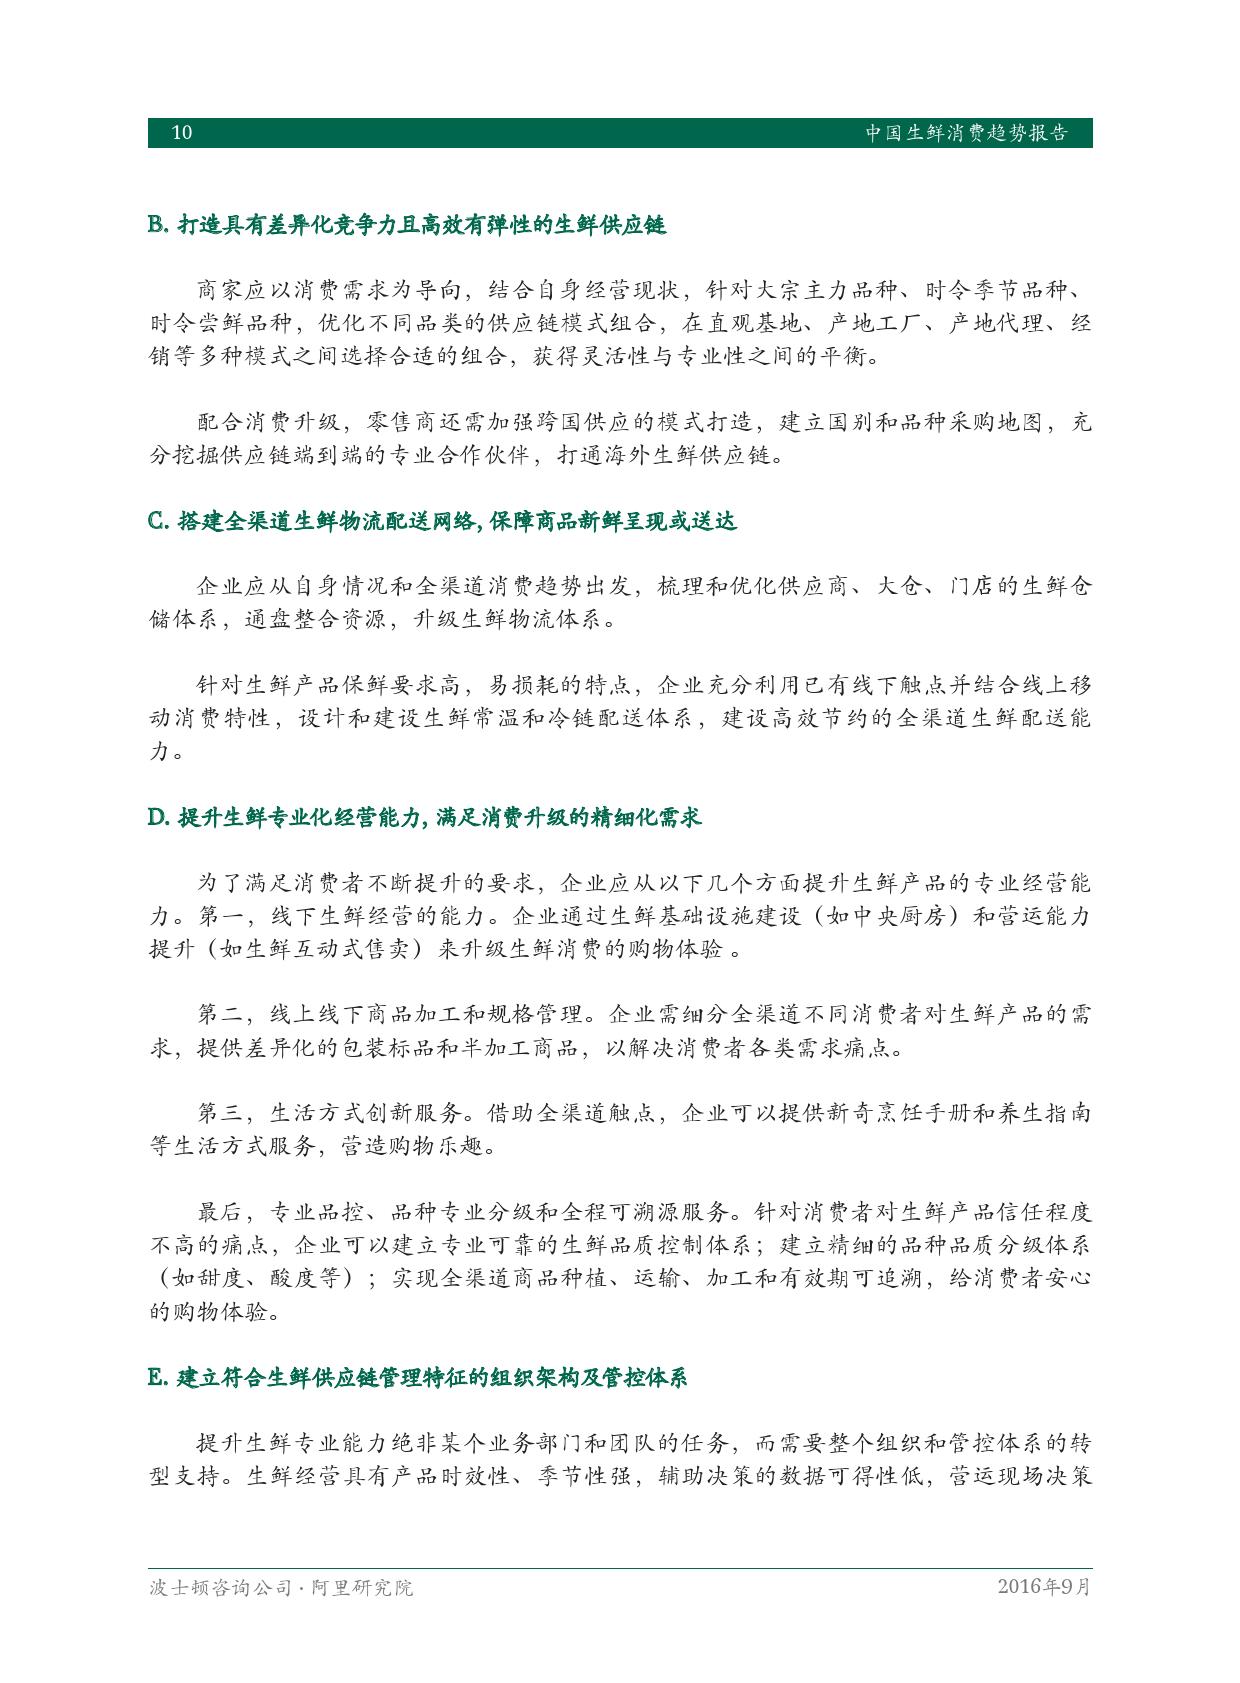 2016年中国生鲜消费趋势报告_000012